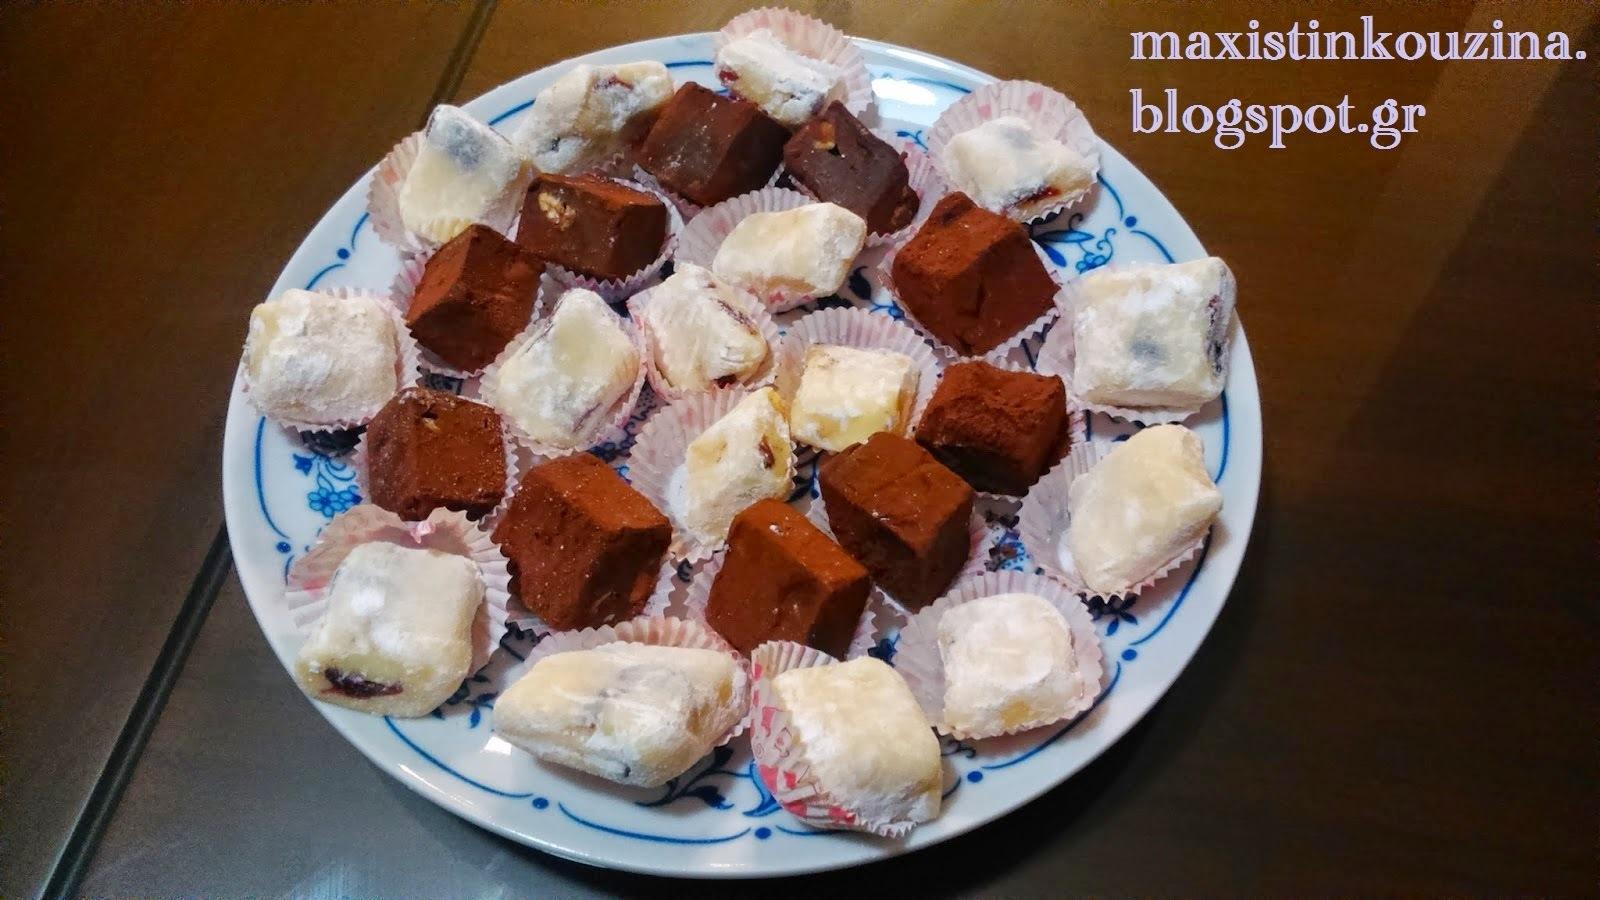 Σοκολατάκια Μαστιχωτά (fudge) Μαύρης Και Λευκής Σοκολάτας